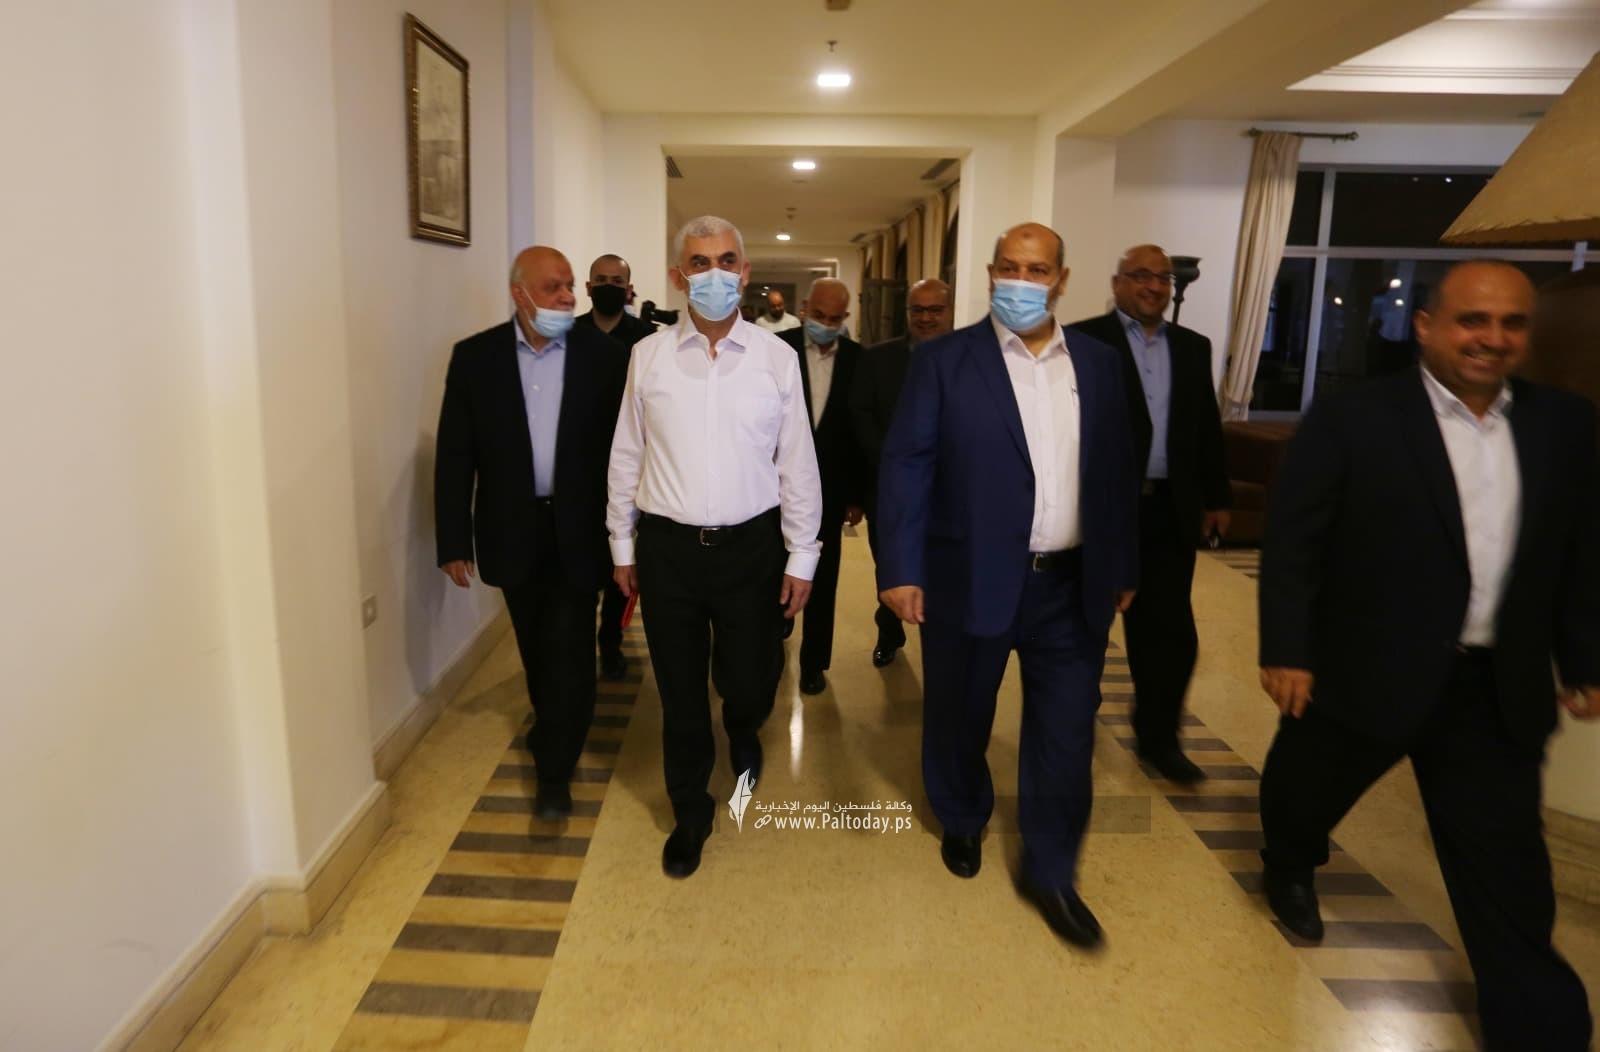 وفد حماس يصل لاستقبال رئيس المخابرات المصرية6.jpg